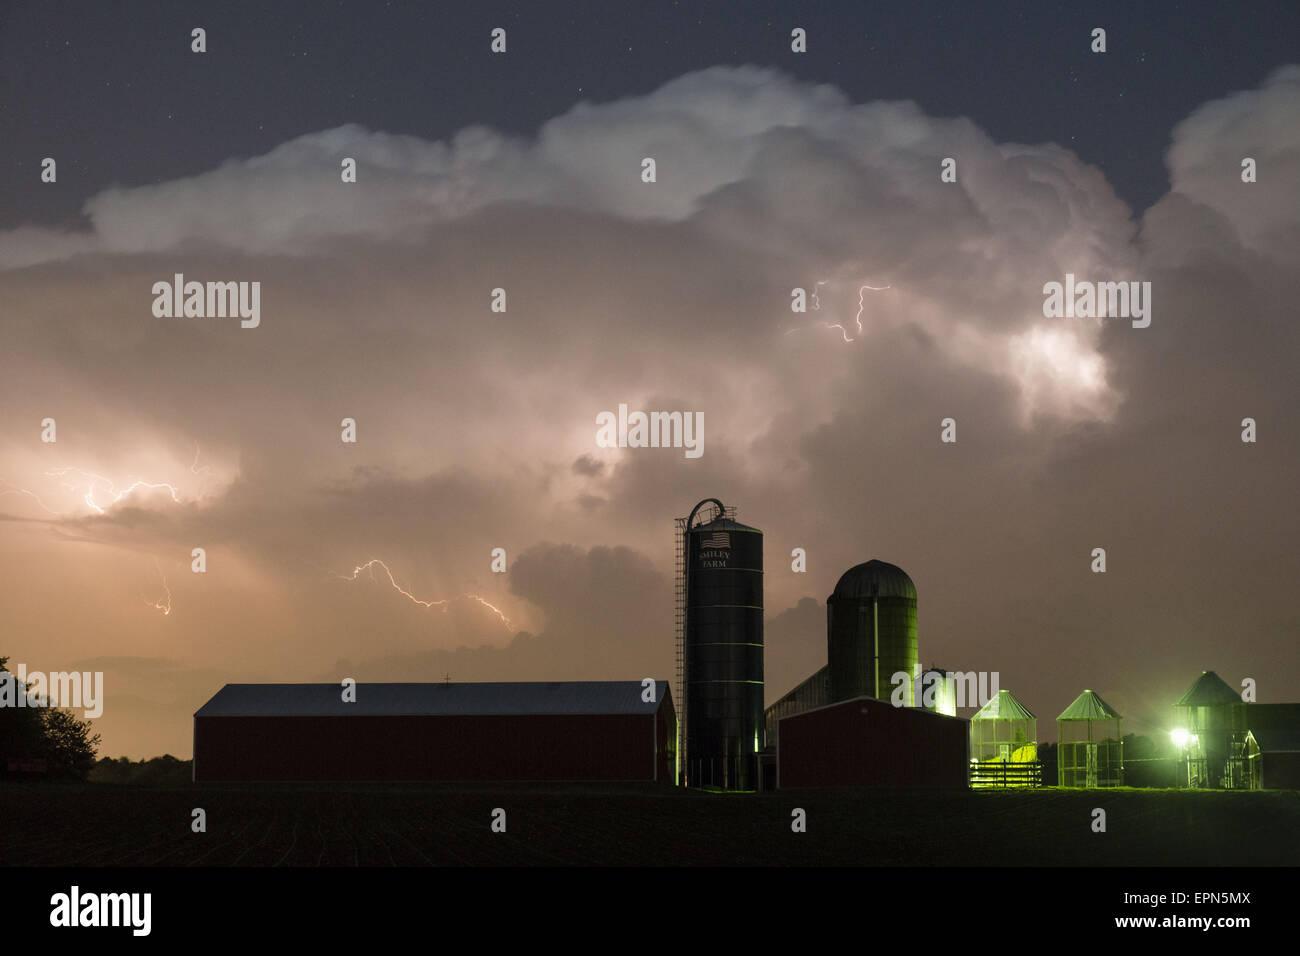 Ciudad de Wallkill, N.Y, EE.UU.. 19 de mayo de 2015. Los relámpagos en las nubes encima del granero y silos Imagen De Stock